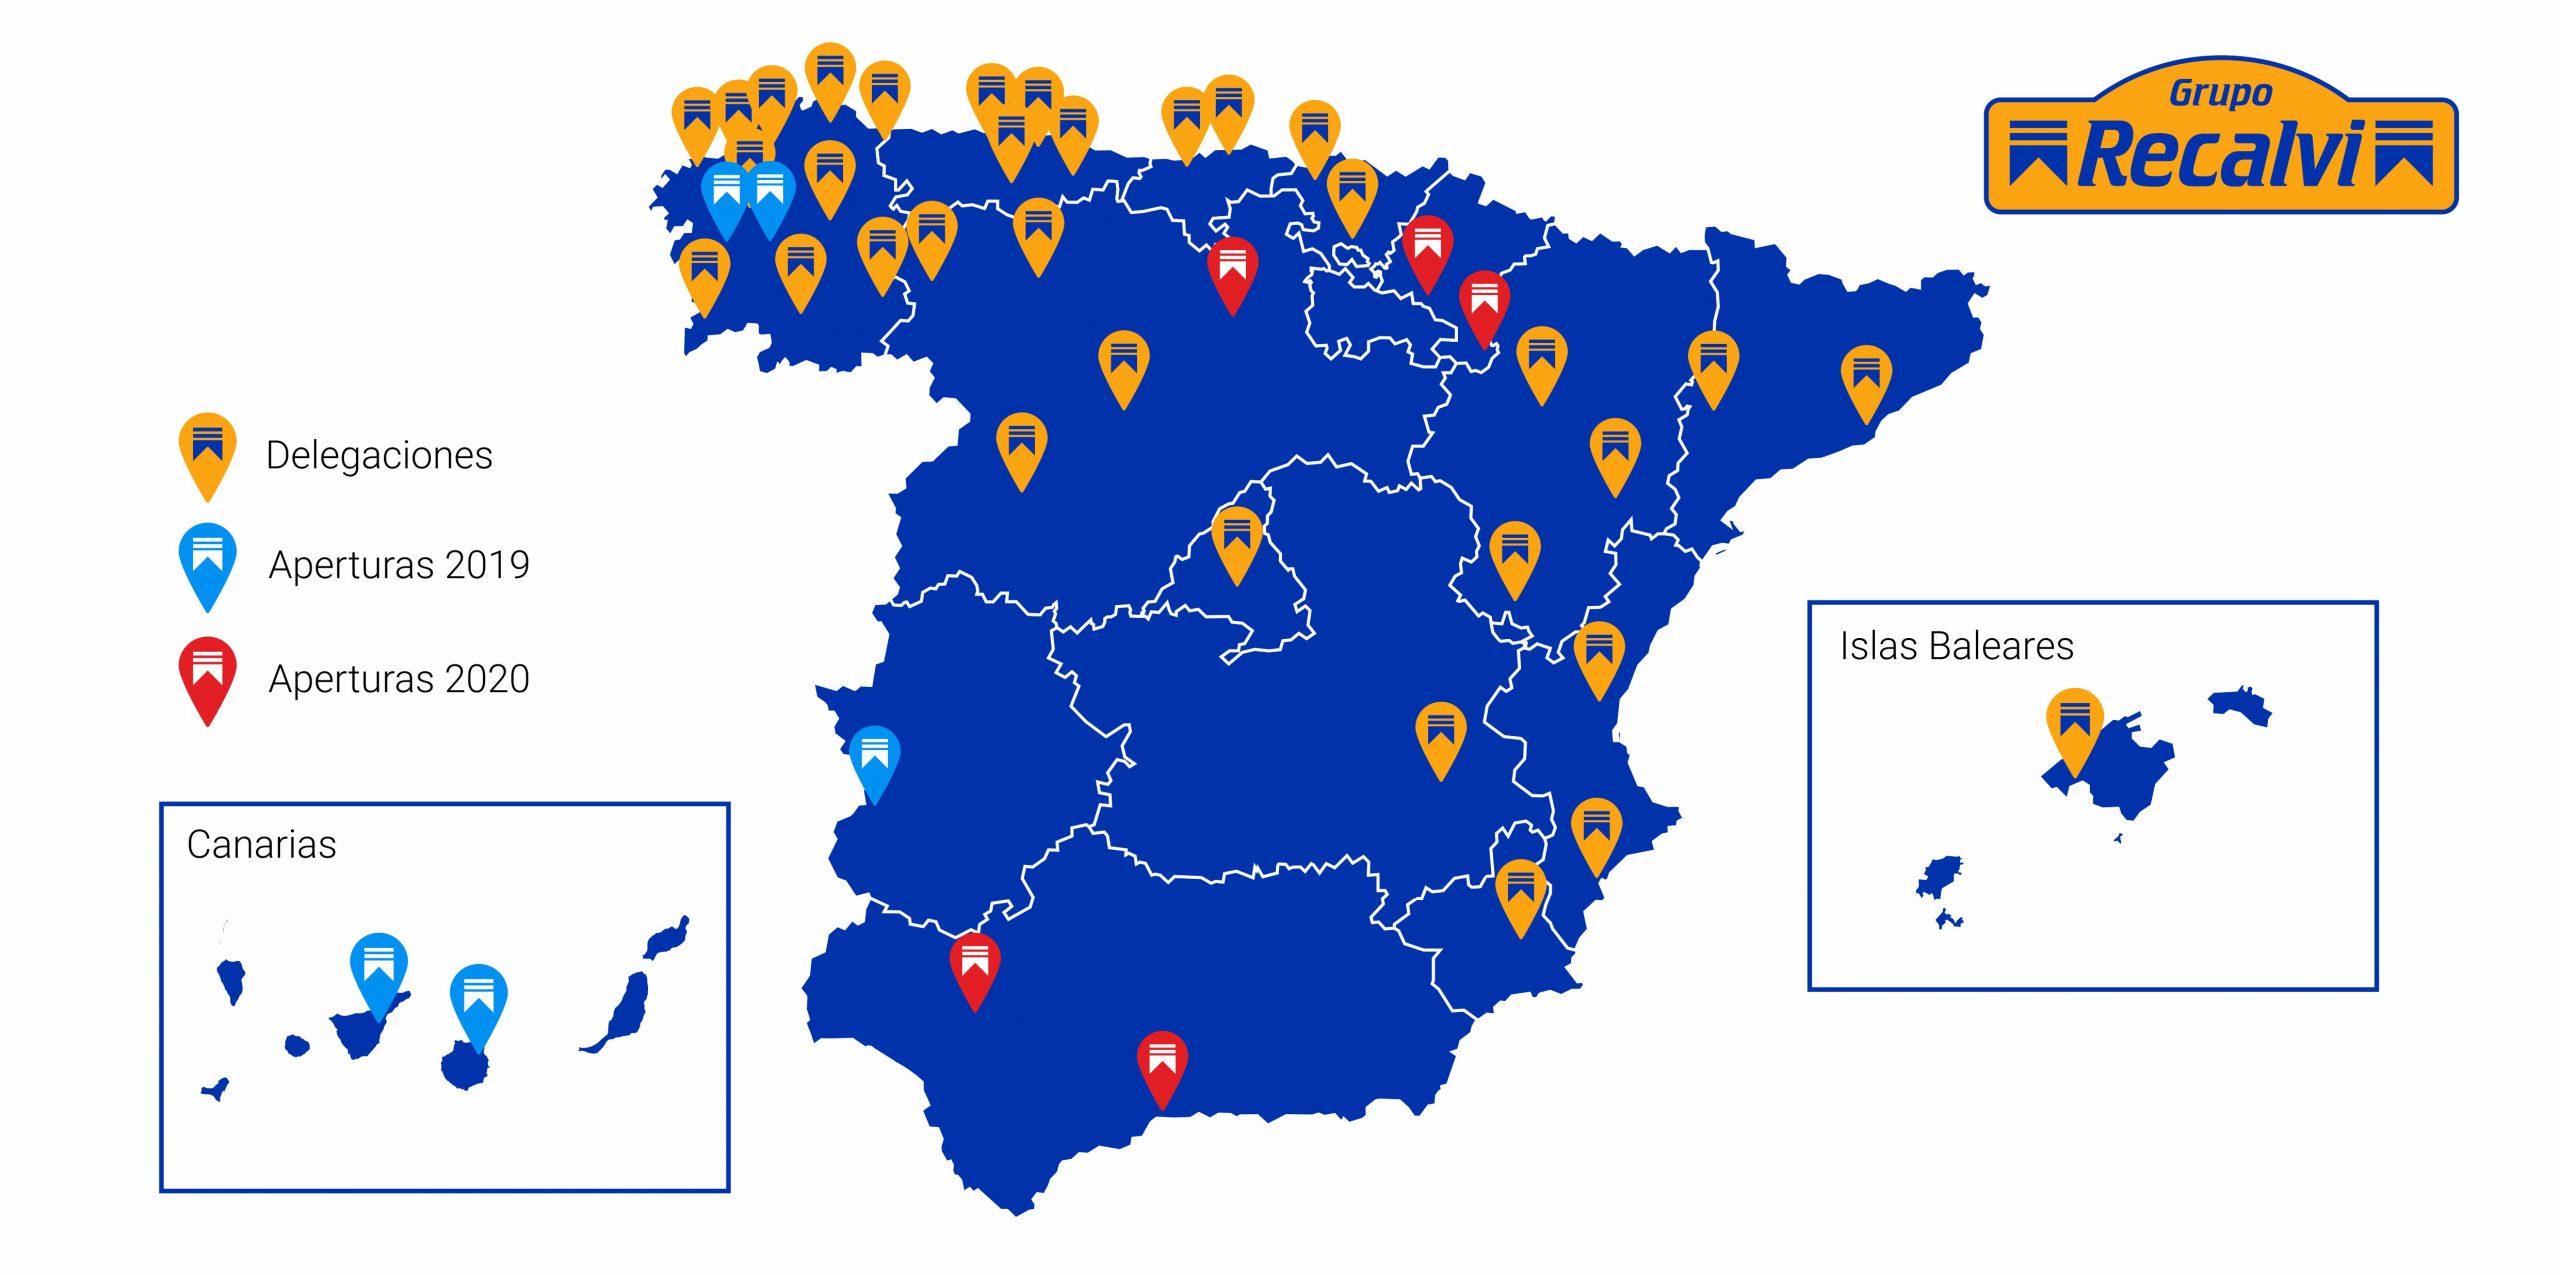 Las nuevas aperturas de Recalvi consolidan la presencia del Grupo en todas las zonas de España